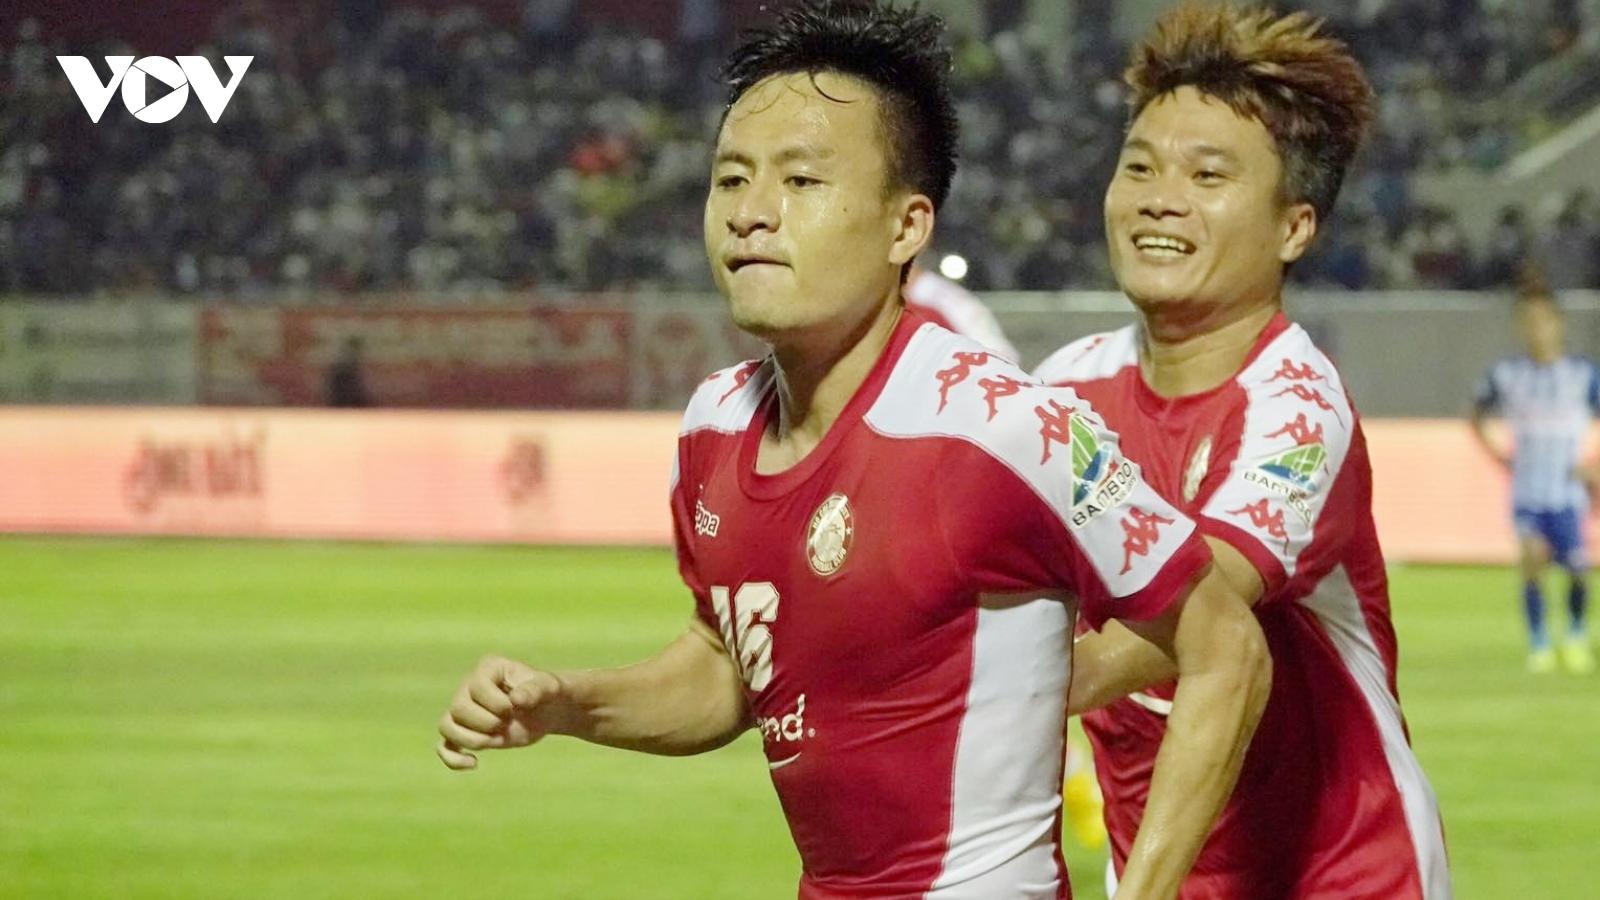 CLB TPHCM nhận tin vui trước trận đại chiến với Hà Nội FC